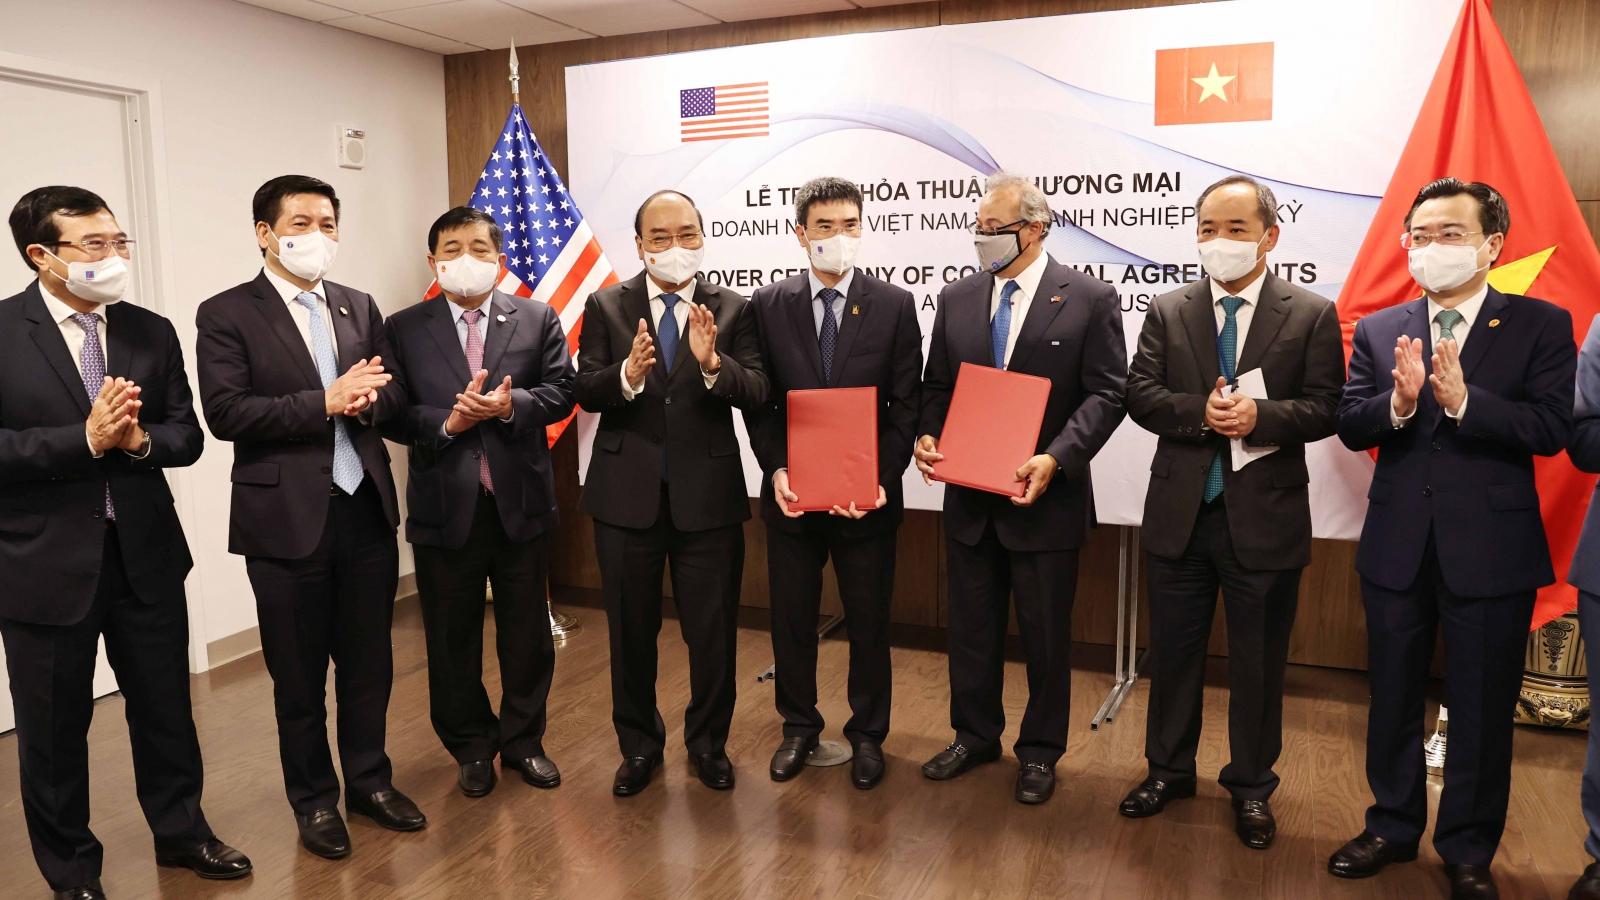 Chủ tịch nước chứng kiến doanh nghiệp Việt Nam và Hoa Kỳ trao thỏa thuận hợp tác